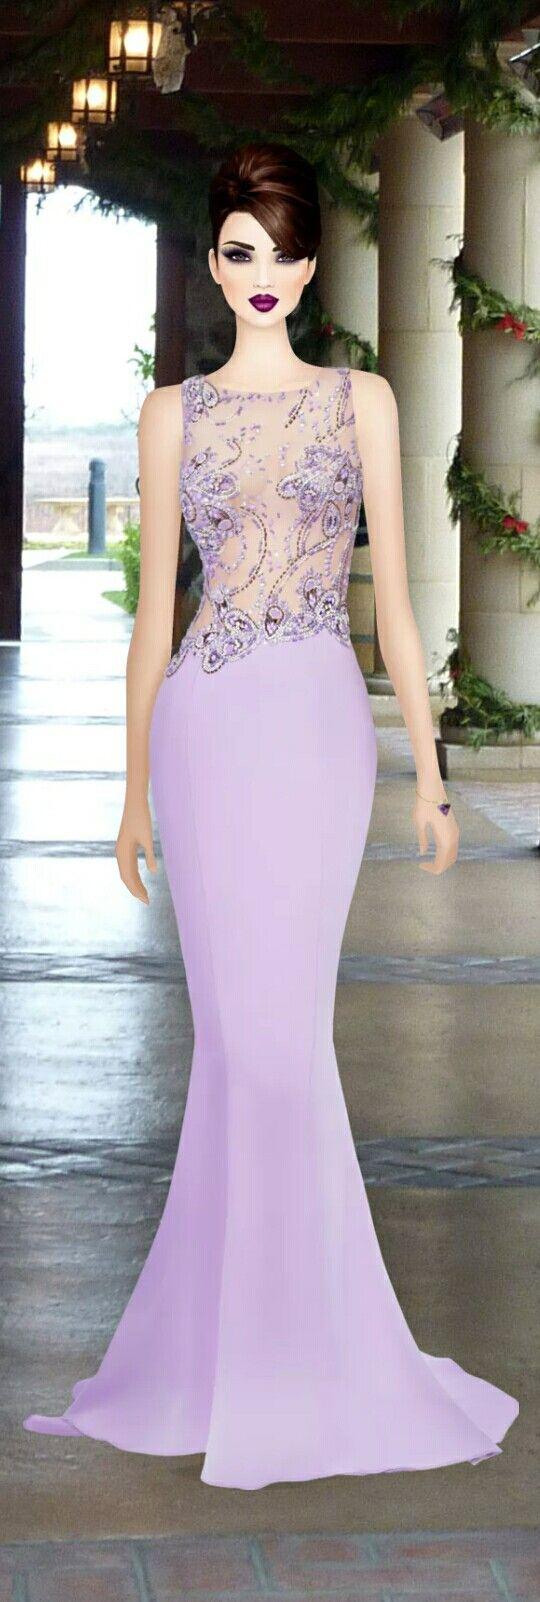 Jeux de mode robe